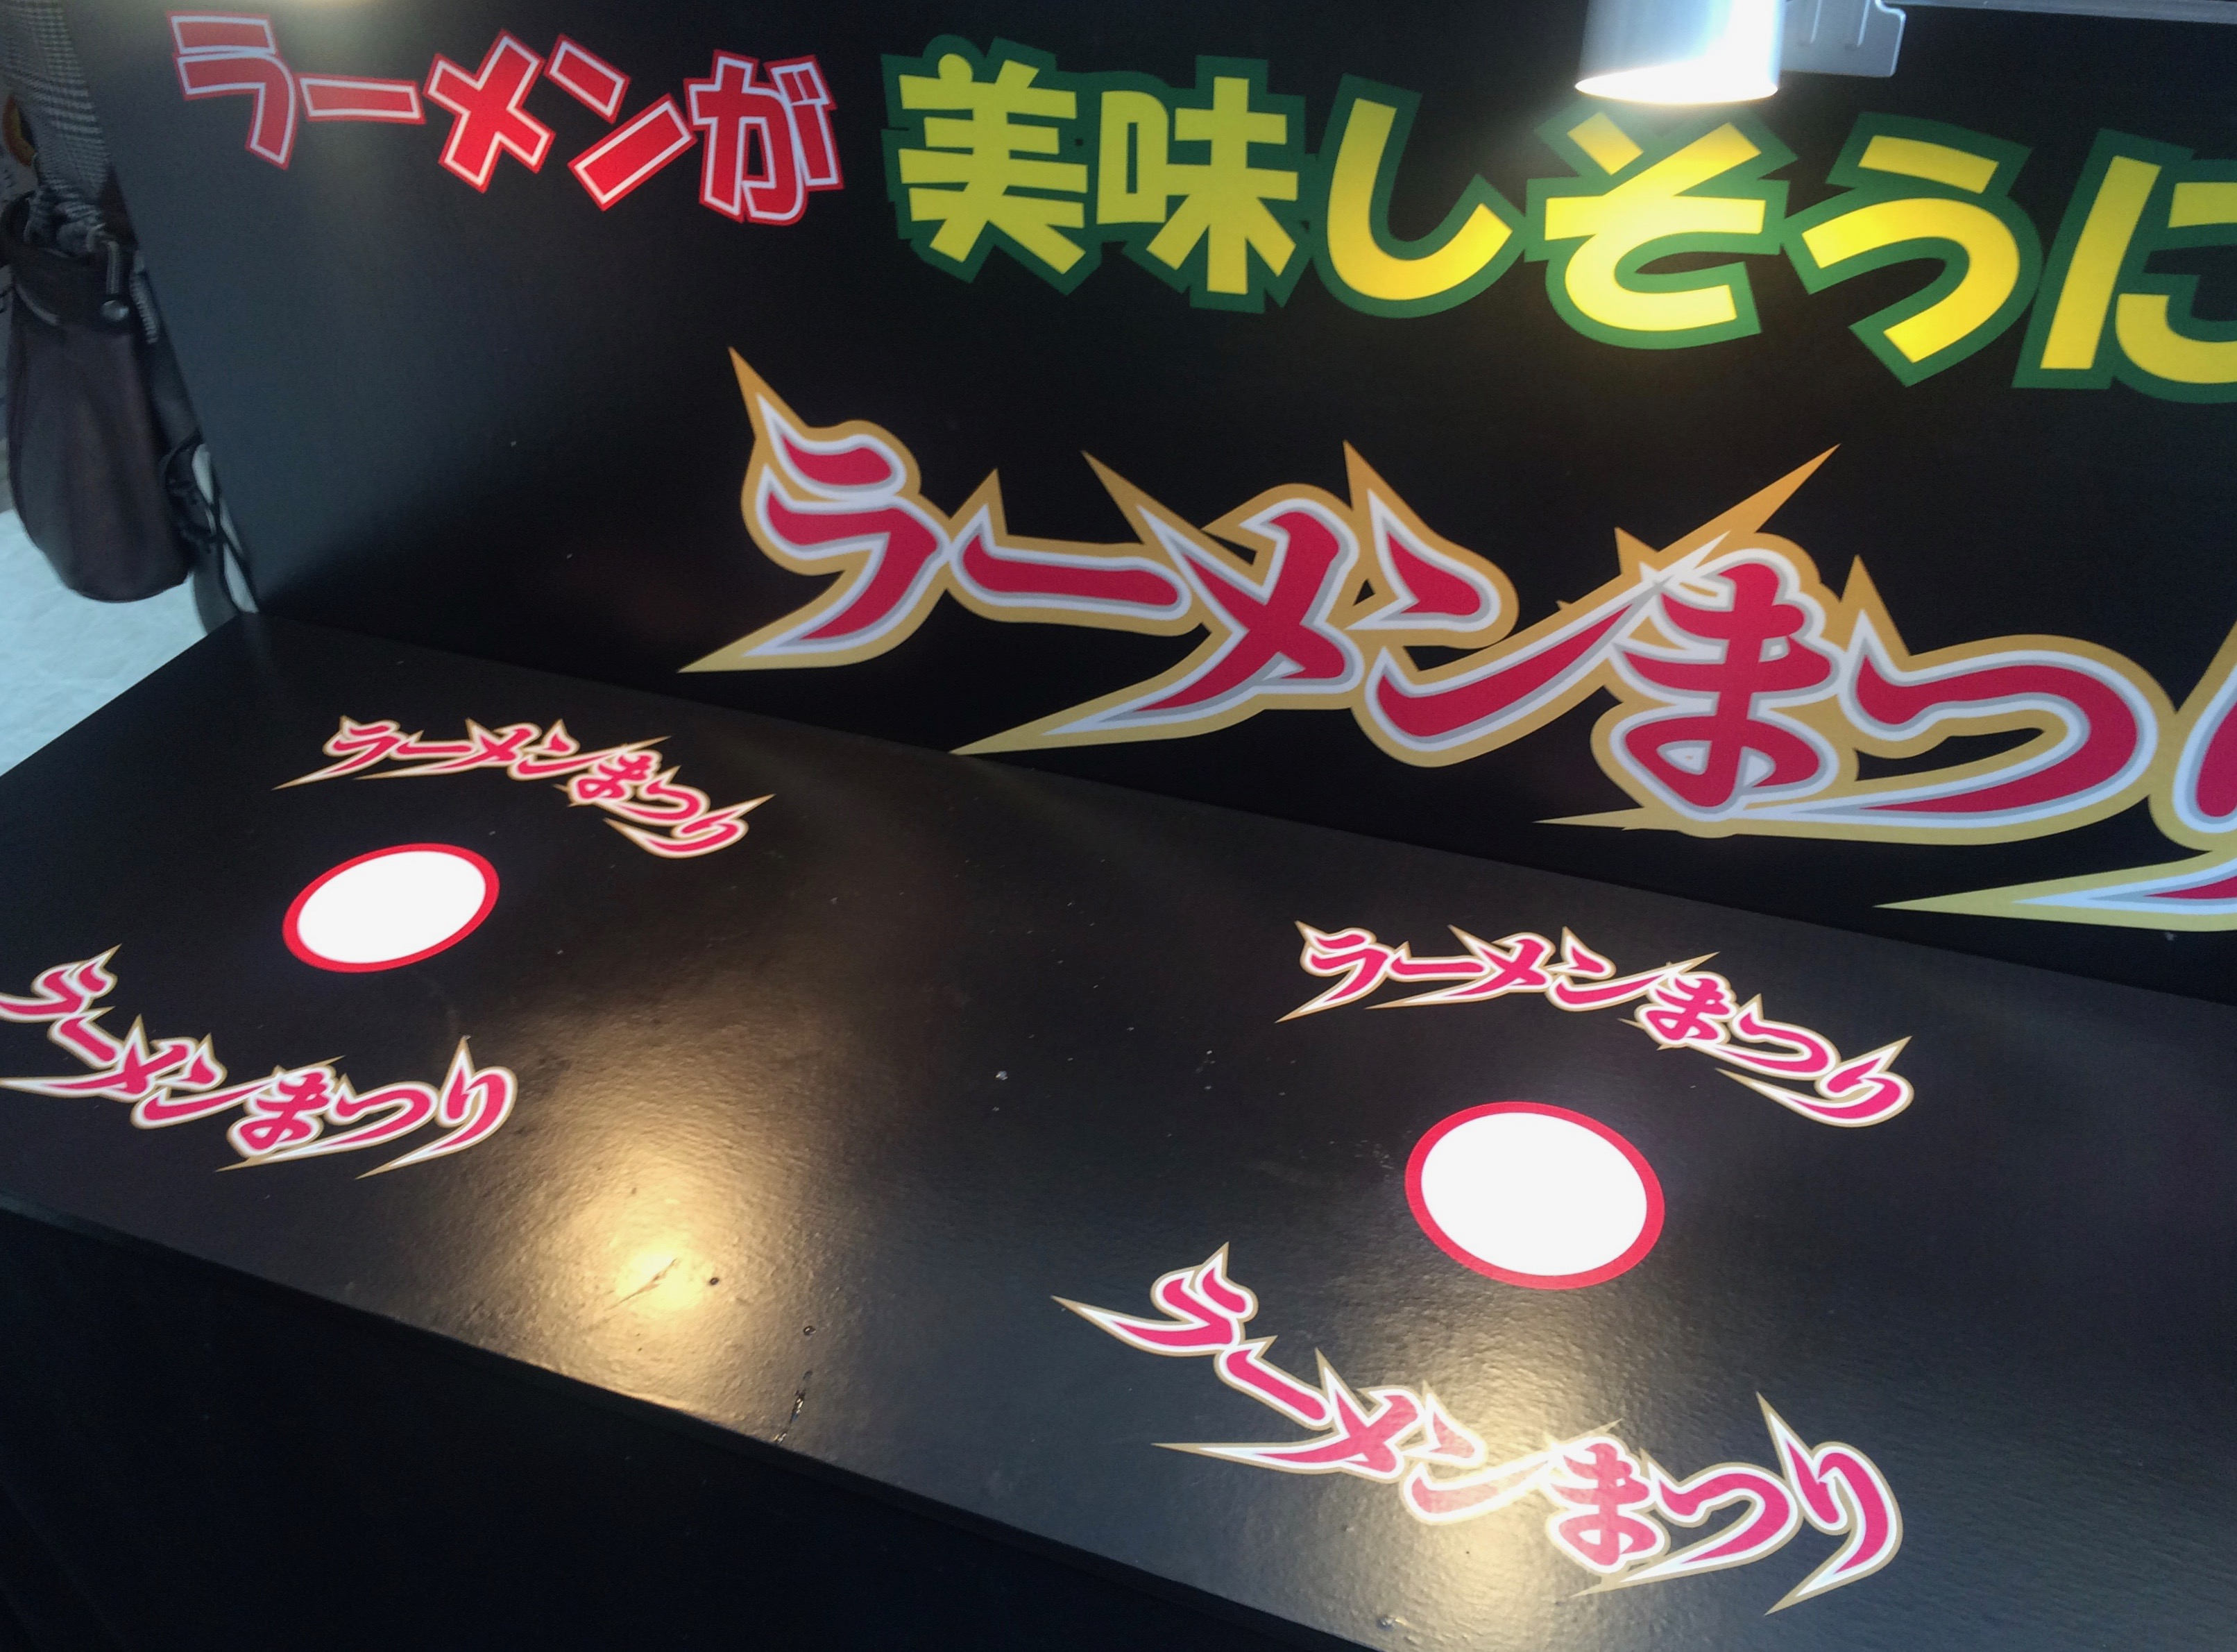 3年連続開催!「ラーメンまつりin名古屋 2017」に行ってきた - Image uploaded from iOS 15 1